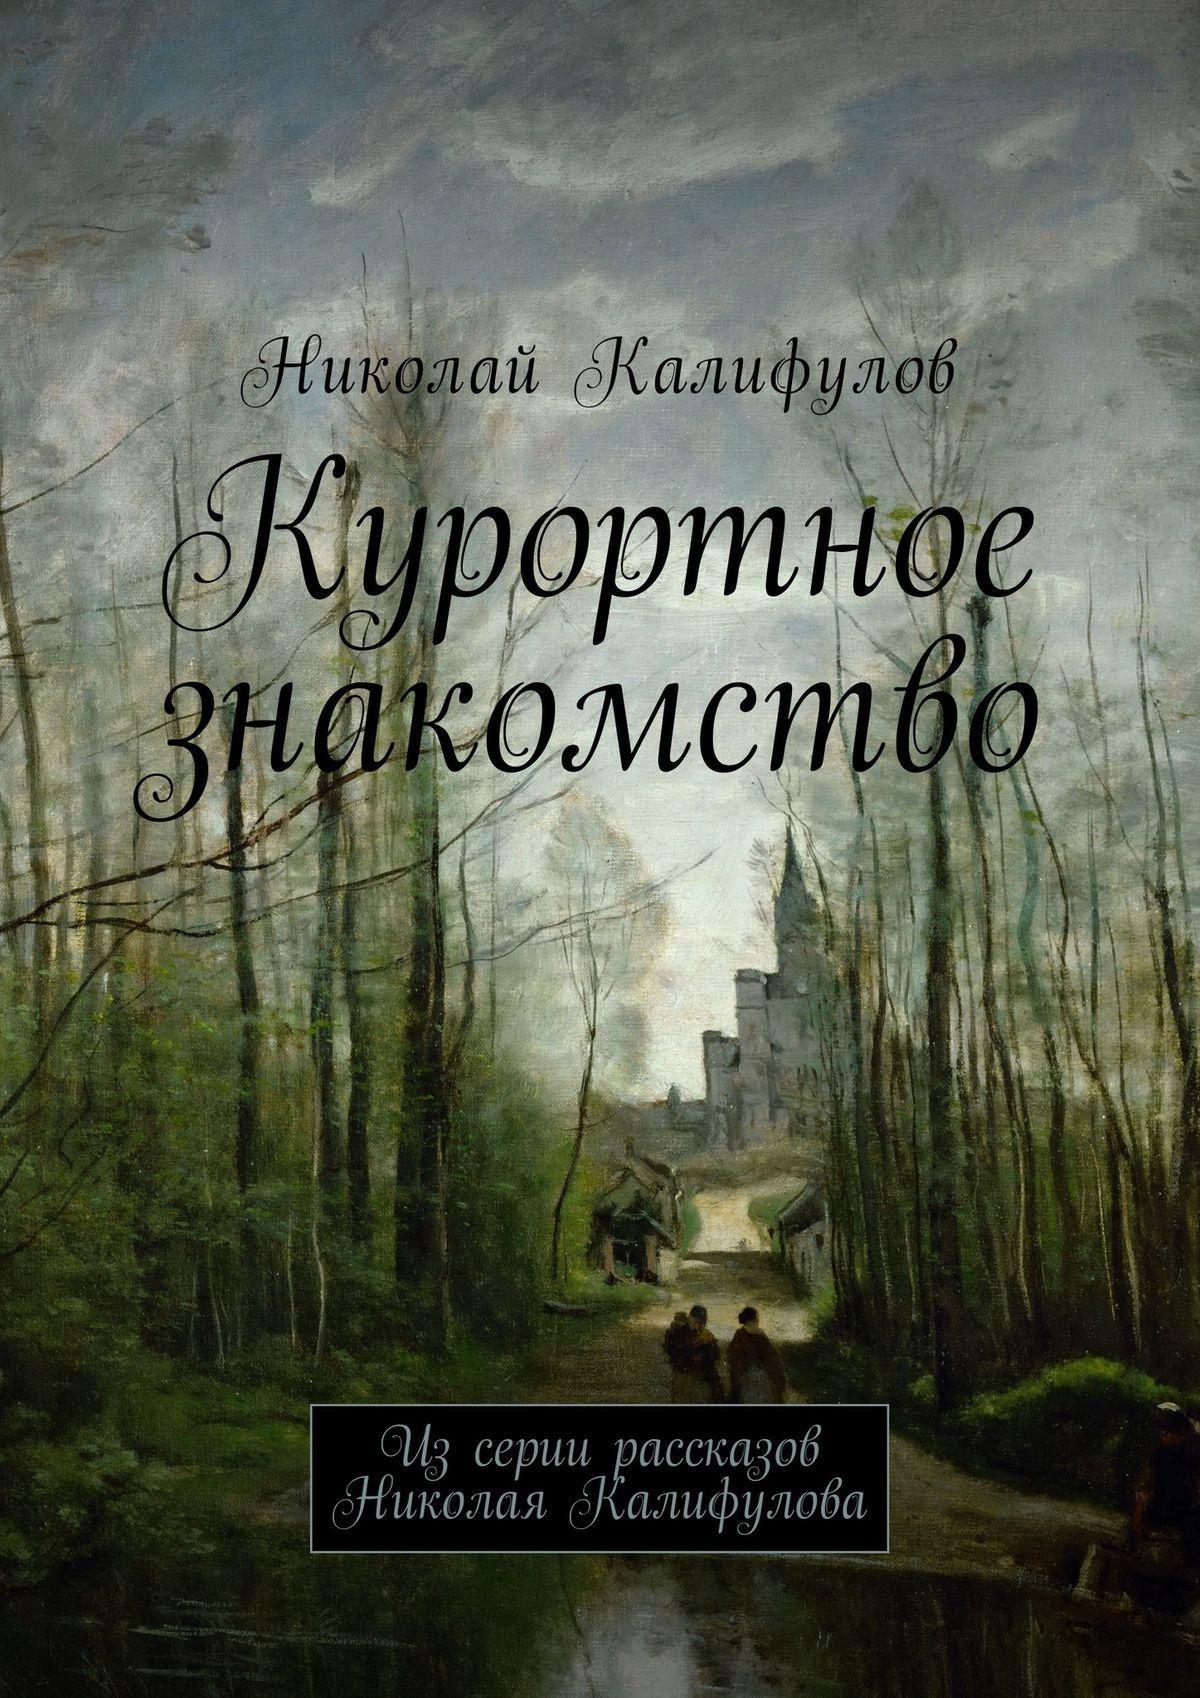 Николай Калифулов - Курортное знакомство. Изсерии рассказов Николая Калифулова